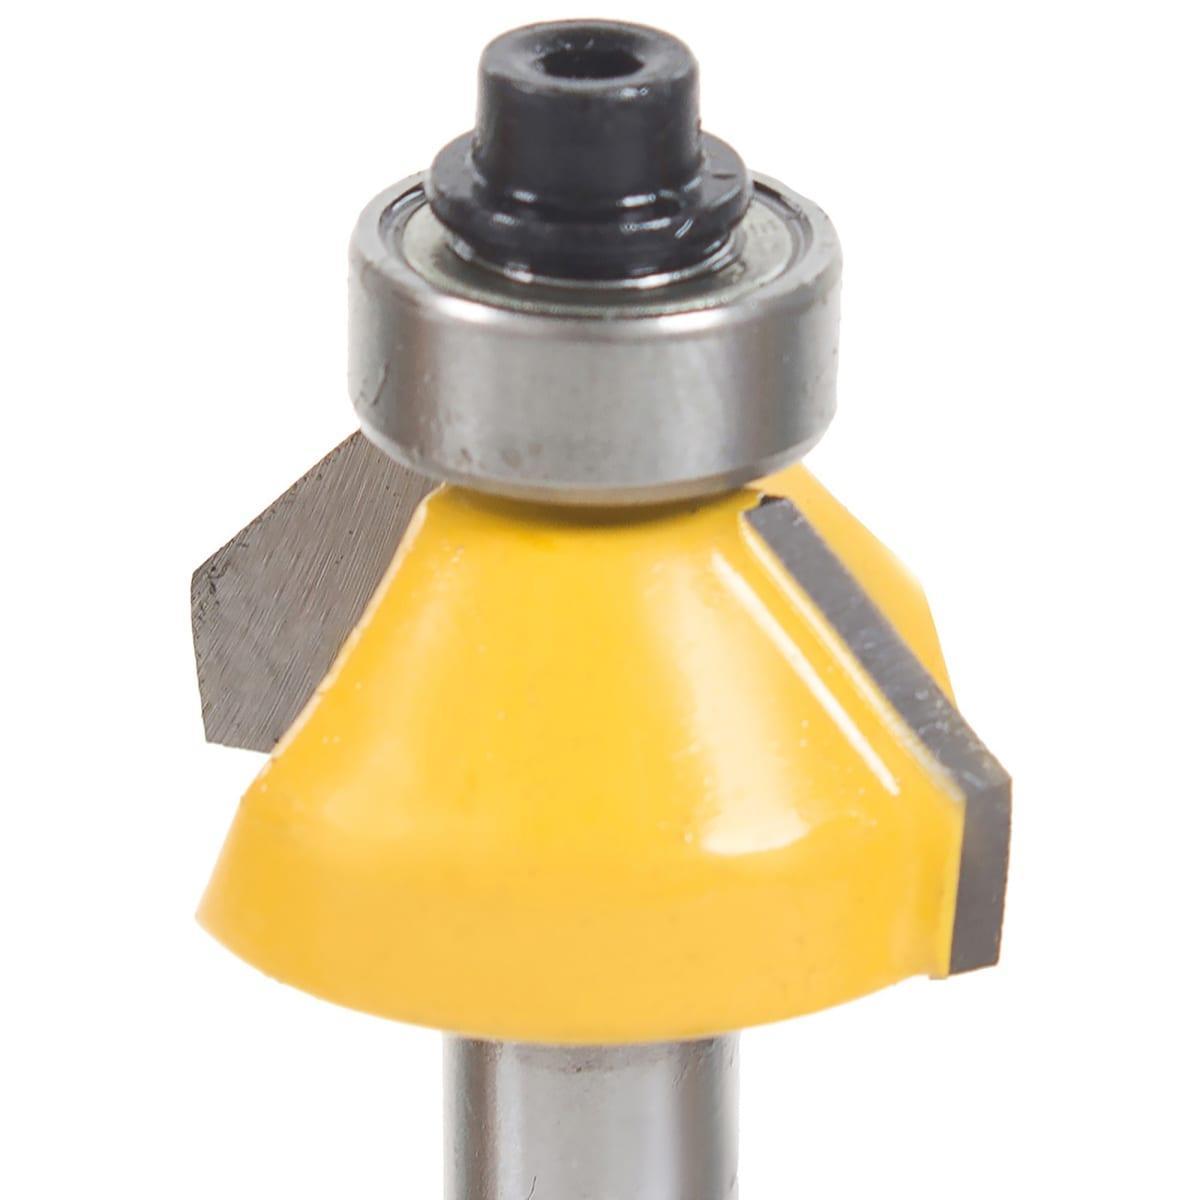 Фреза прямая кромочная конусная с подшипником Глобус D=35,l=16.5,d=8mm арт.1022 D35